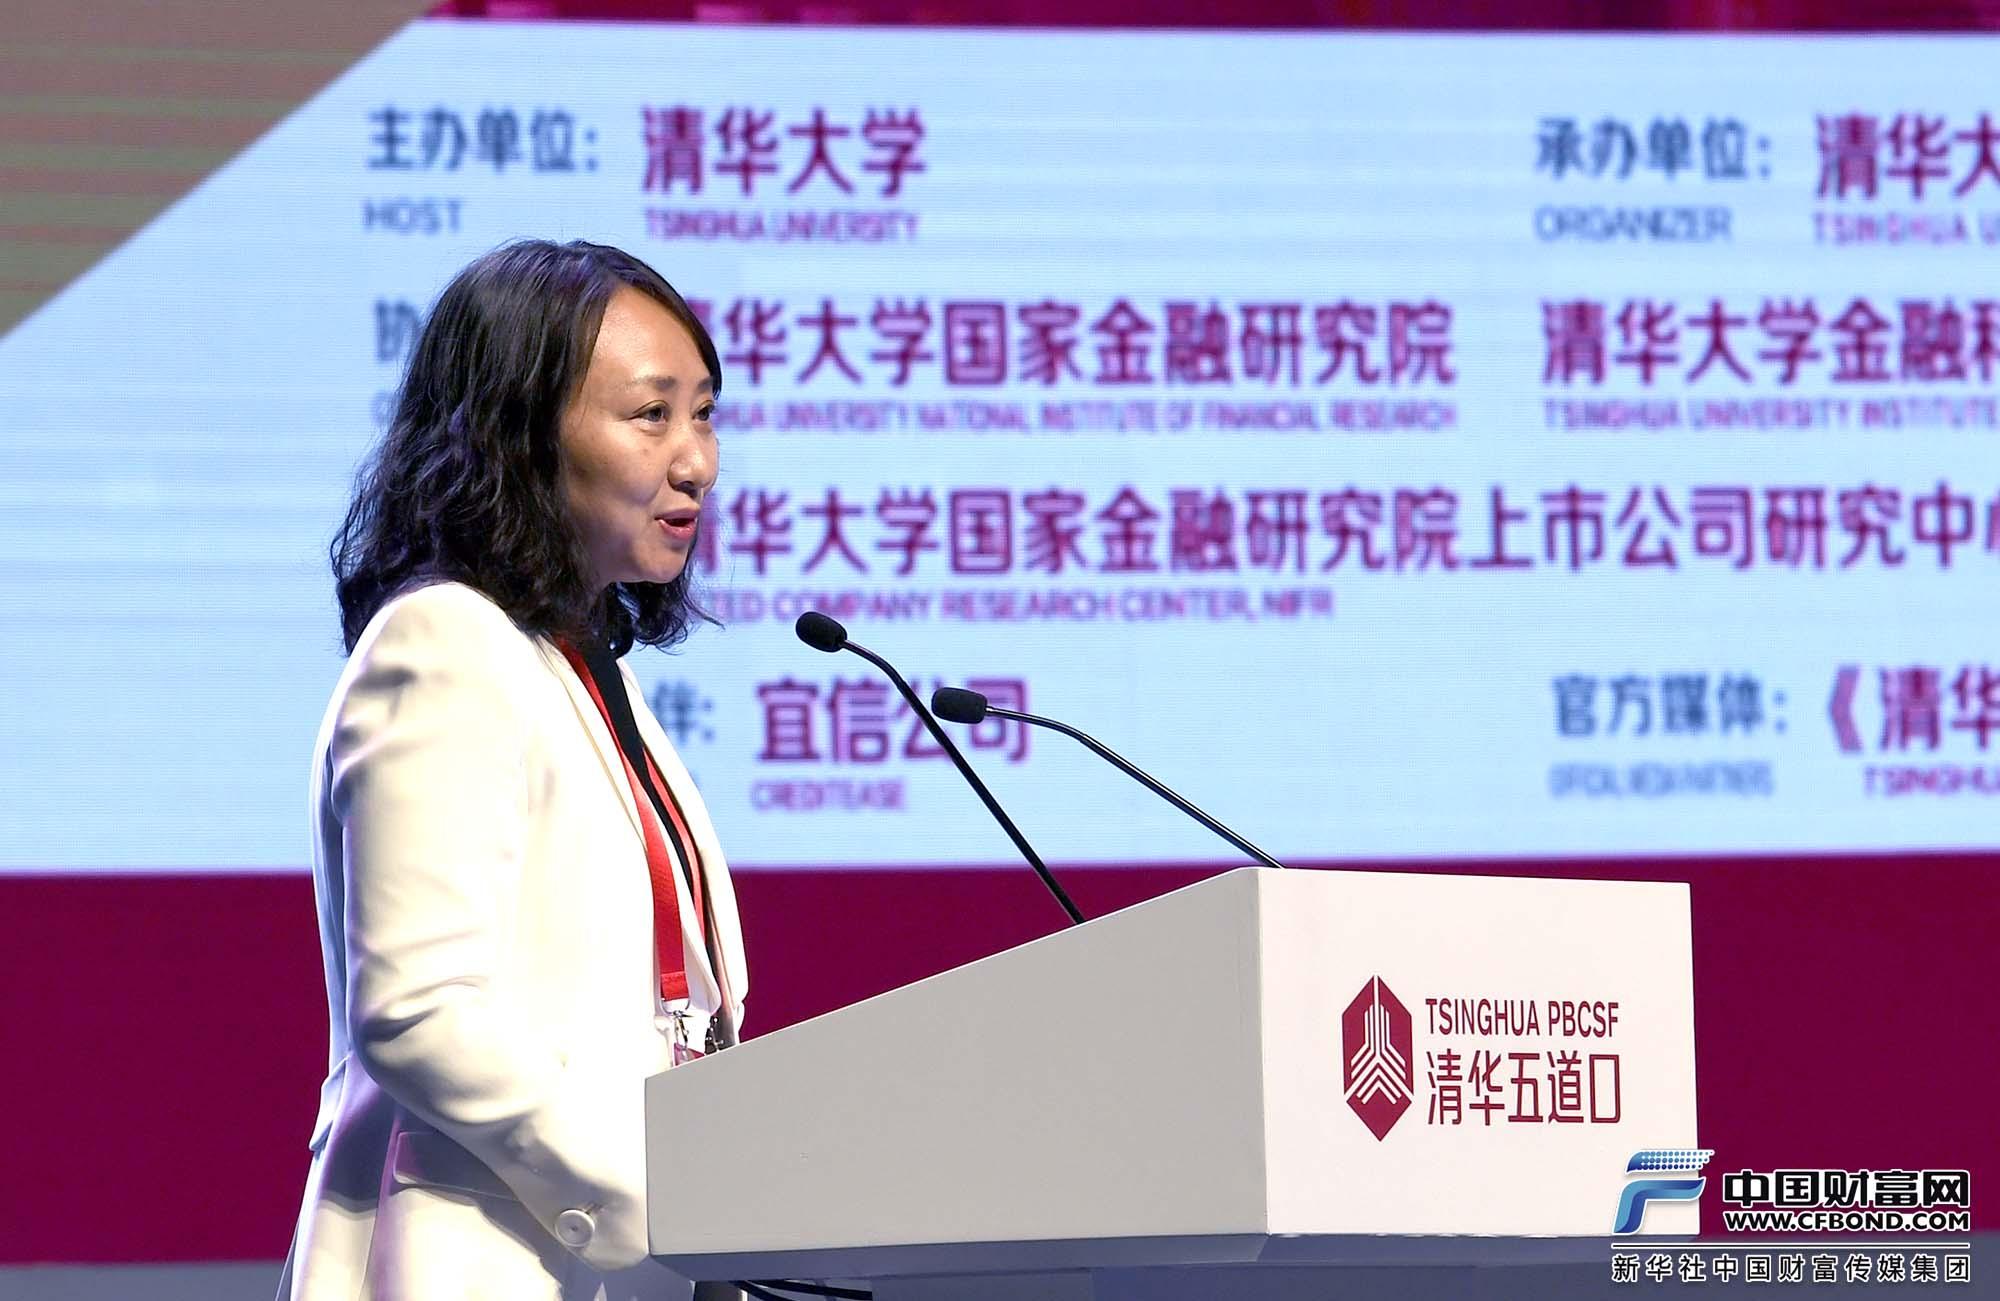 主持人:清华大学国家金融研究院副院长、上市公司研究中心主任王娴